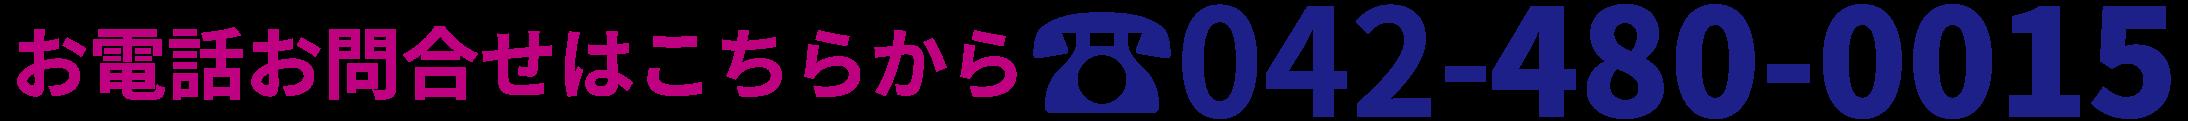 お電話お問合せはこちらから:042-480-0015